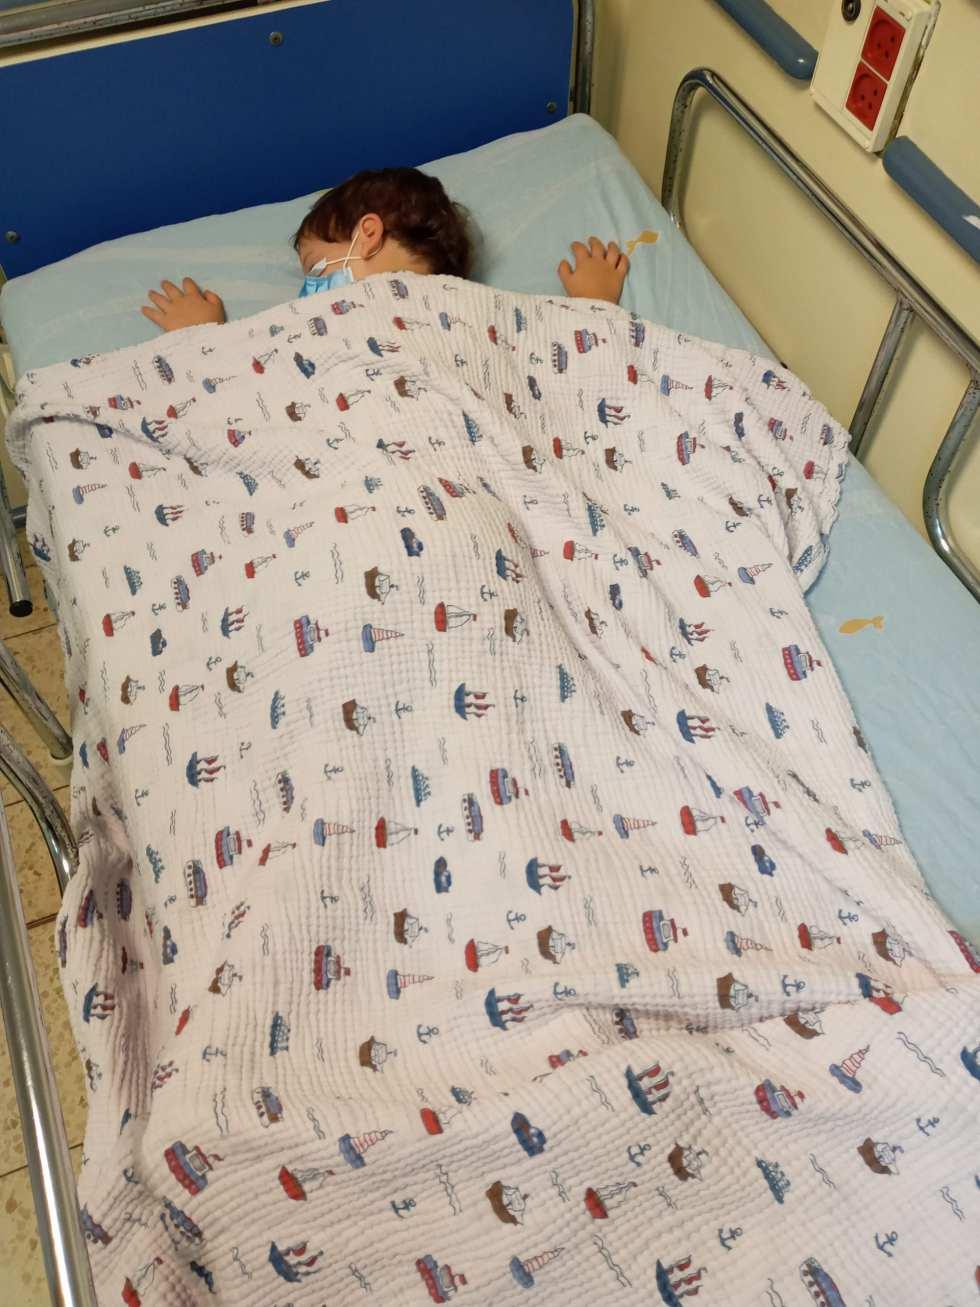 אחרי שקיבל את מנה ילד נרדם. לובש מסכה כי קורונה